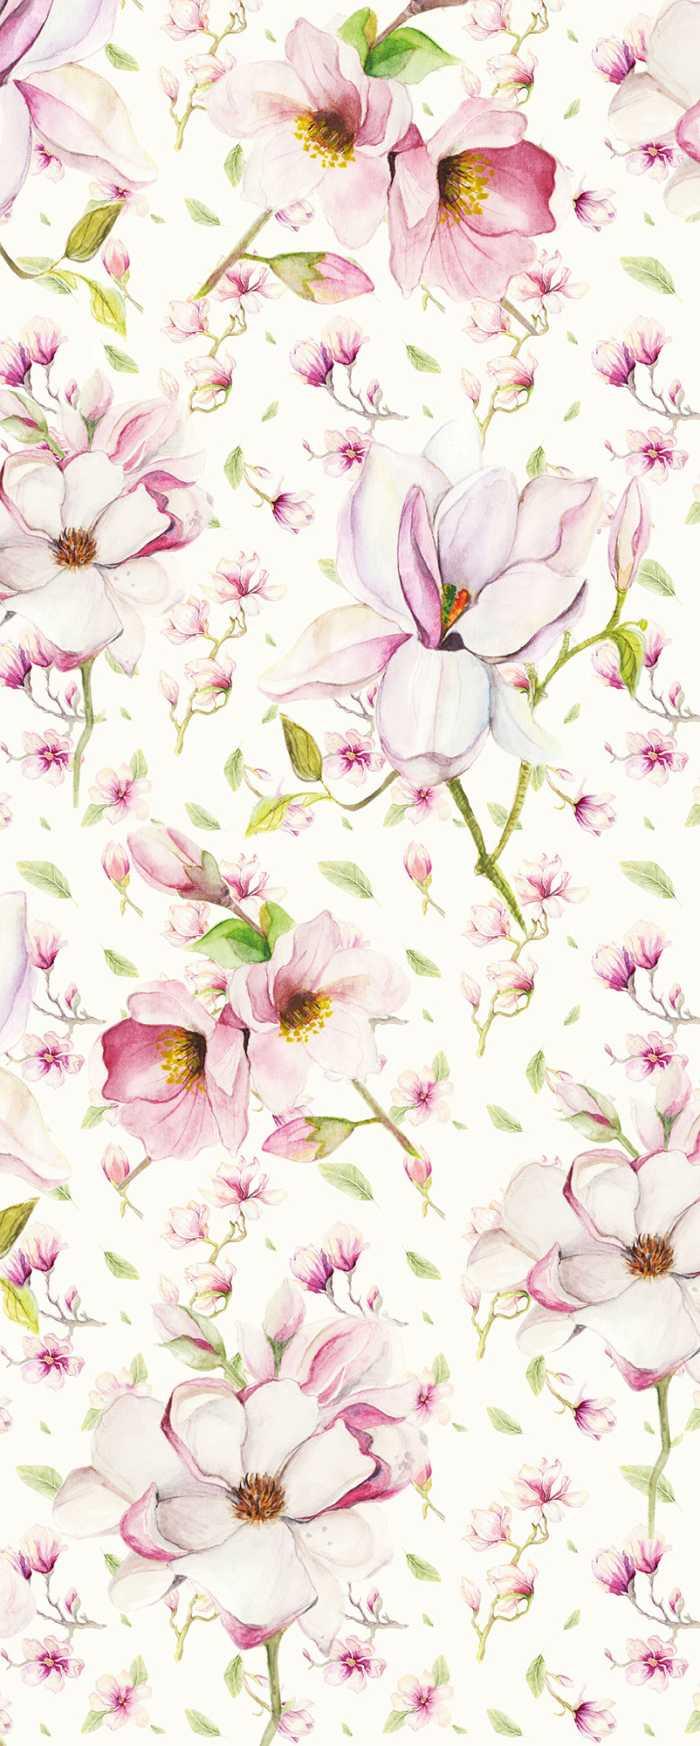 Digital wallpaper Magnolia